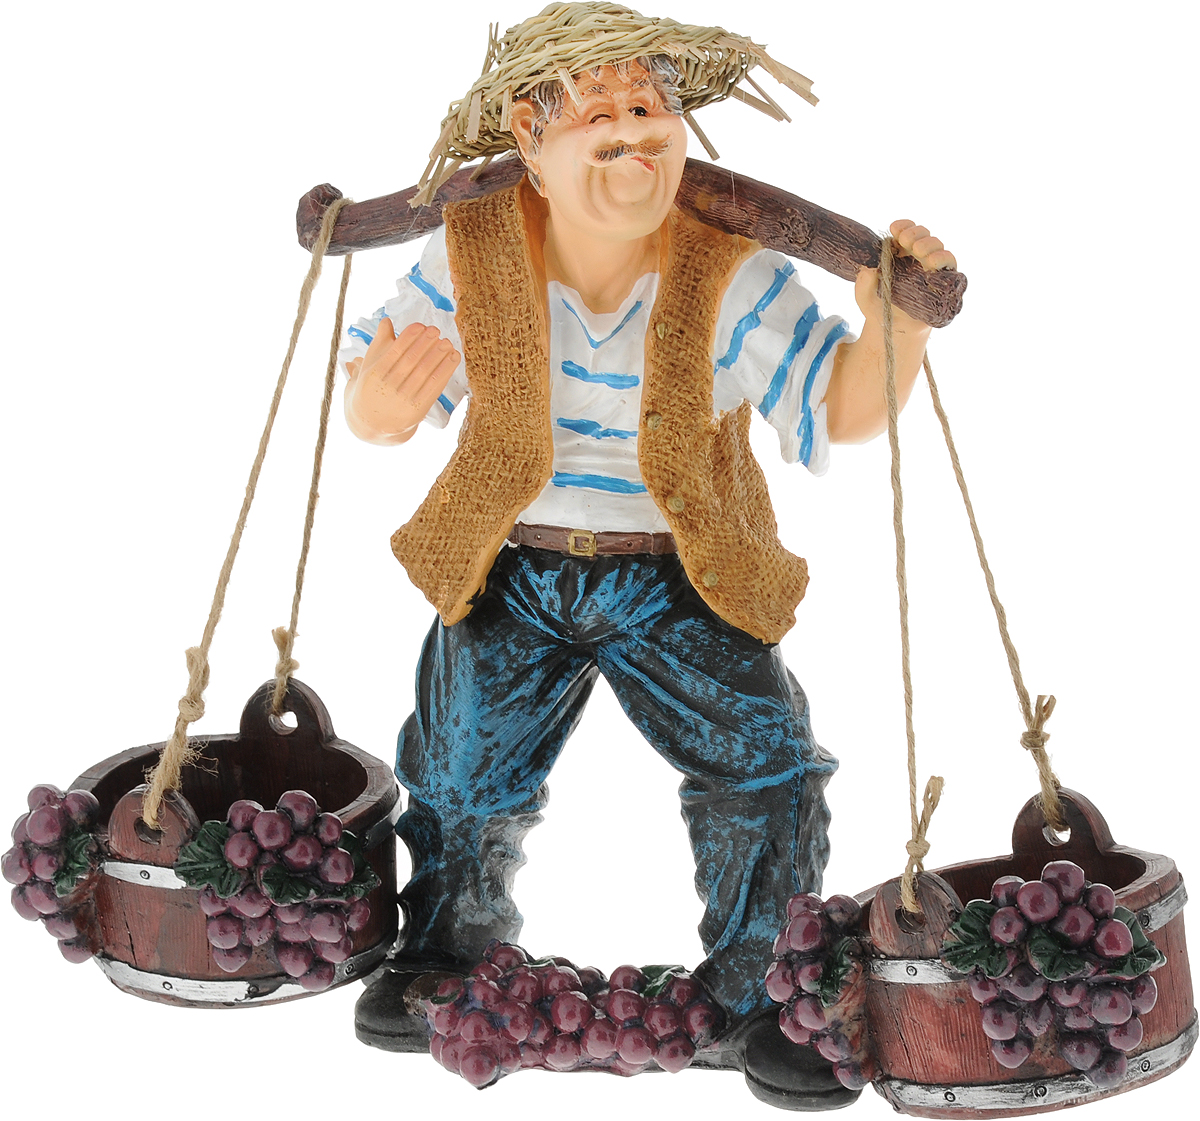 Подставка для вина Drivemotion Фермер с коромыслом, синие штаны, 25 х 35 х 18 смwine_farmer_3Подставка для вина Drivemotion Фермер с коромыслом, синие штаны, выполненная из высококачественного полистоуна, порадует вас и ваших гостей своим великолепным дизайном и яркими красками. Поместите винную бутылку на эту красивую подставку, и гости не только надолго запомнят ваше мероприятие, но и будут рассказывать о нем другим. Эта замечательная подставка может стать великолепным штрихом к вашему празднику.